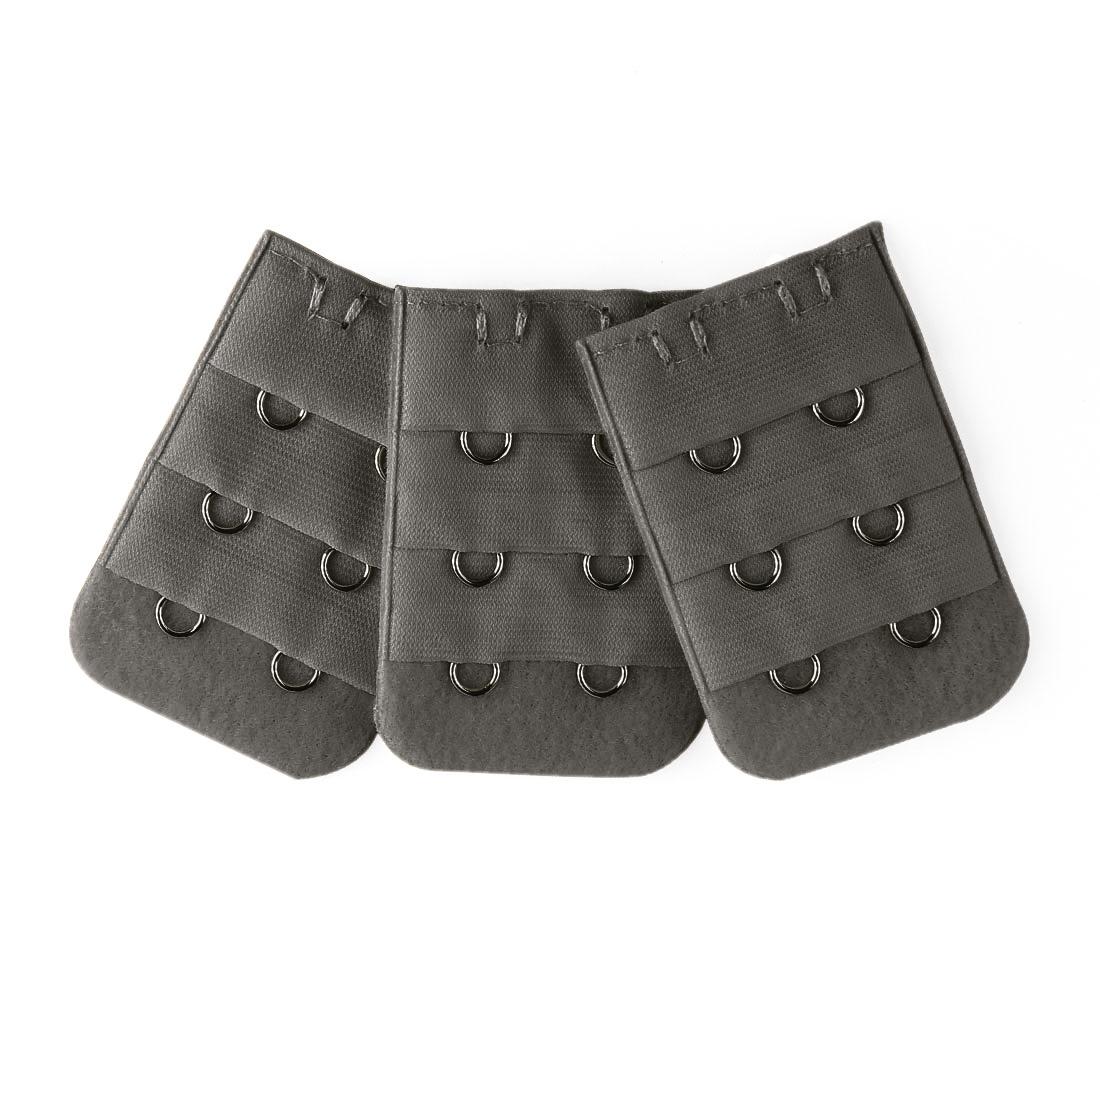 3pcs Women 3 Row 2 Hooks Underwear Bra Strap Extender Buckle Hook Dark Gray